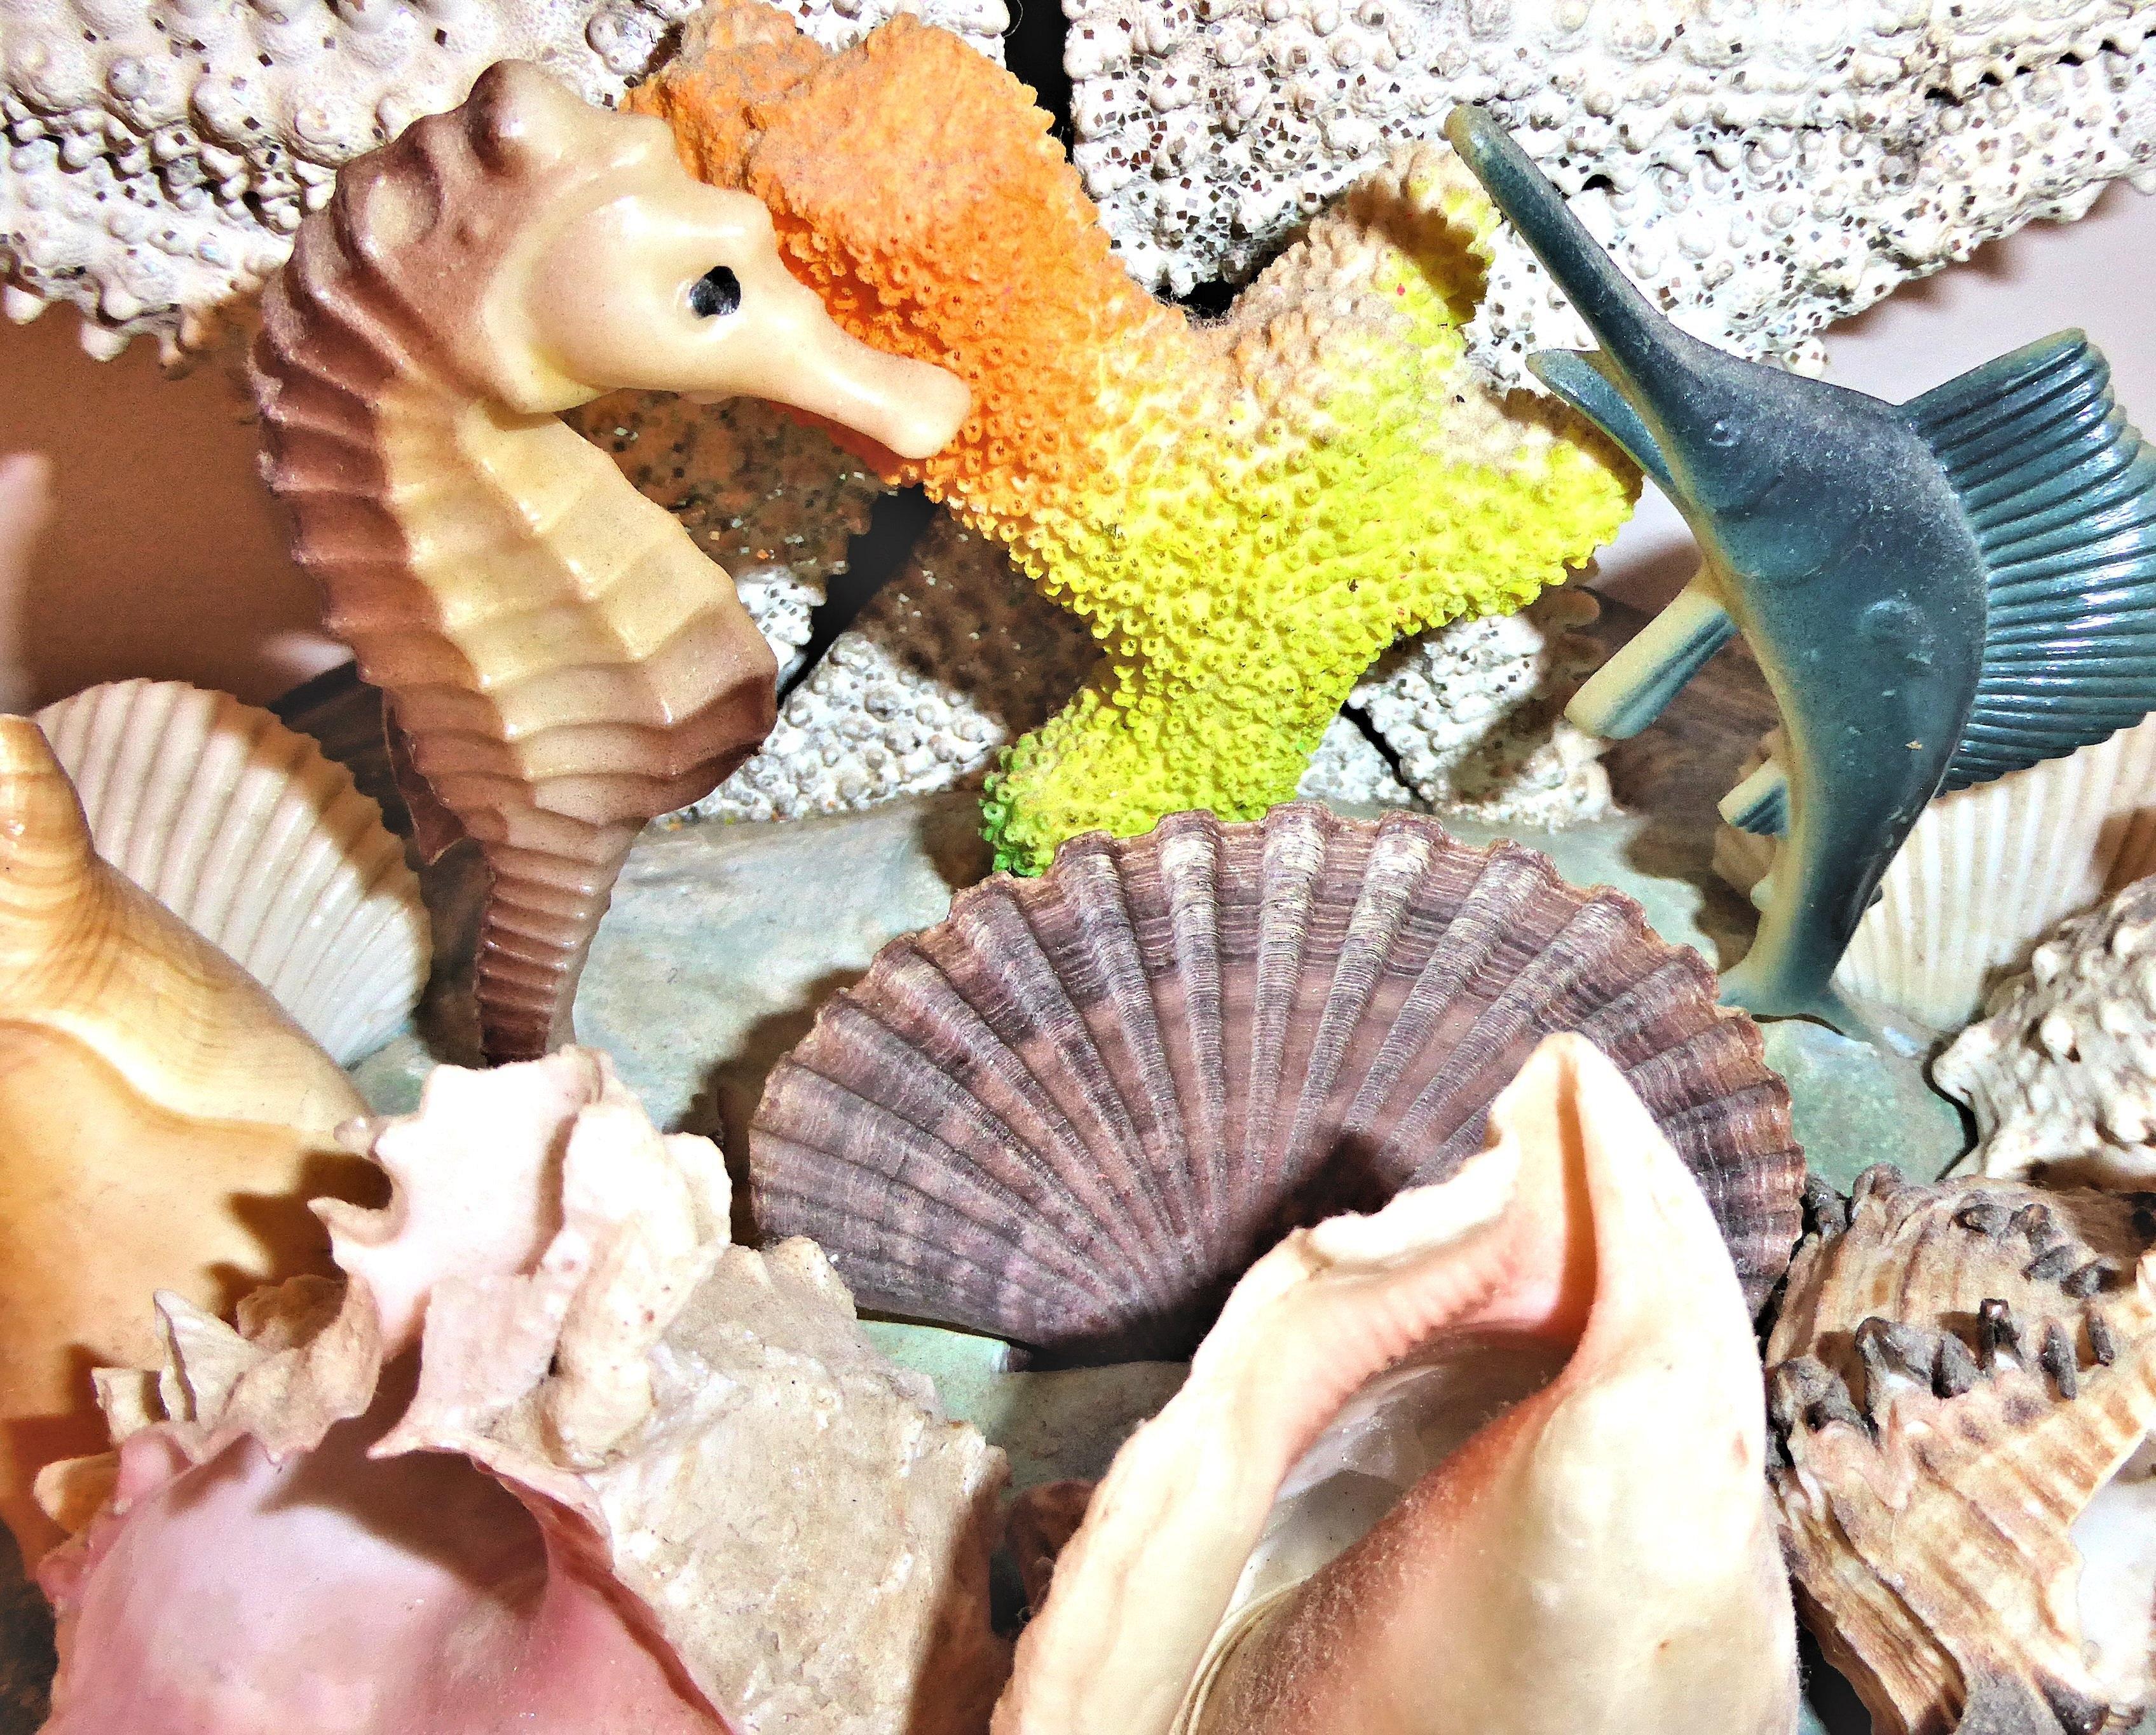 Gambar Burung Ikan Kerang Laut Ornamen Kerang Laut Otentik